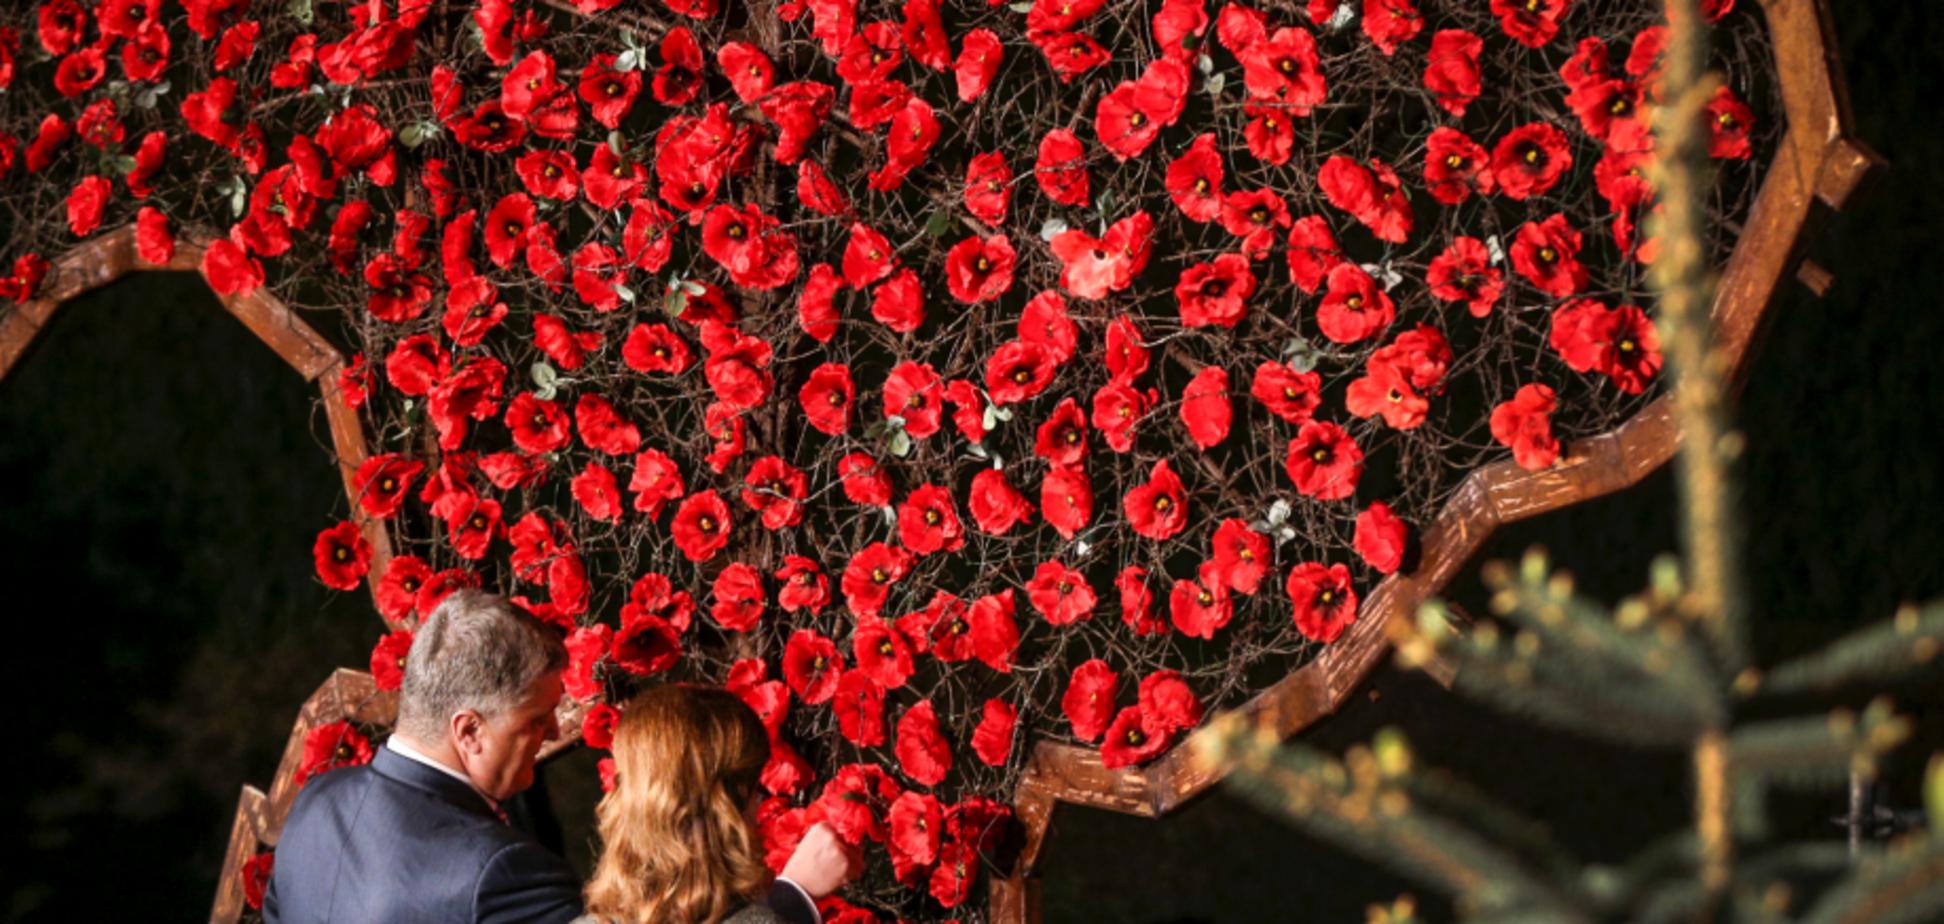 У Порошенко призвали украинцев 8 мая почтить память жертв Второй мировой: не 'можем повторить', а никогда снова!